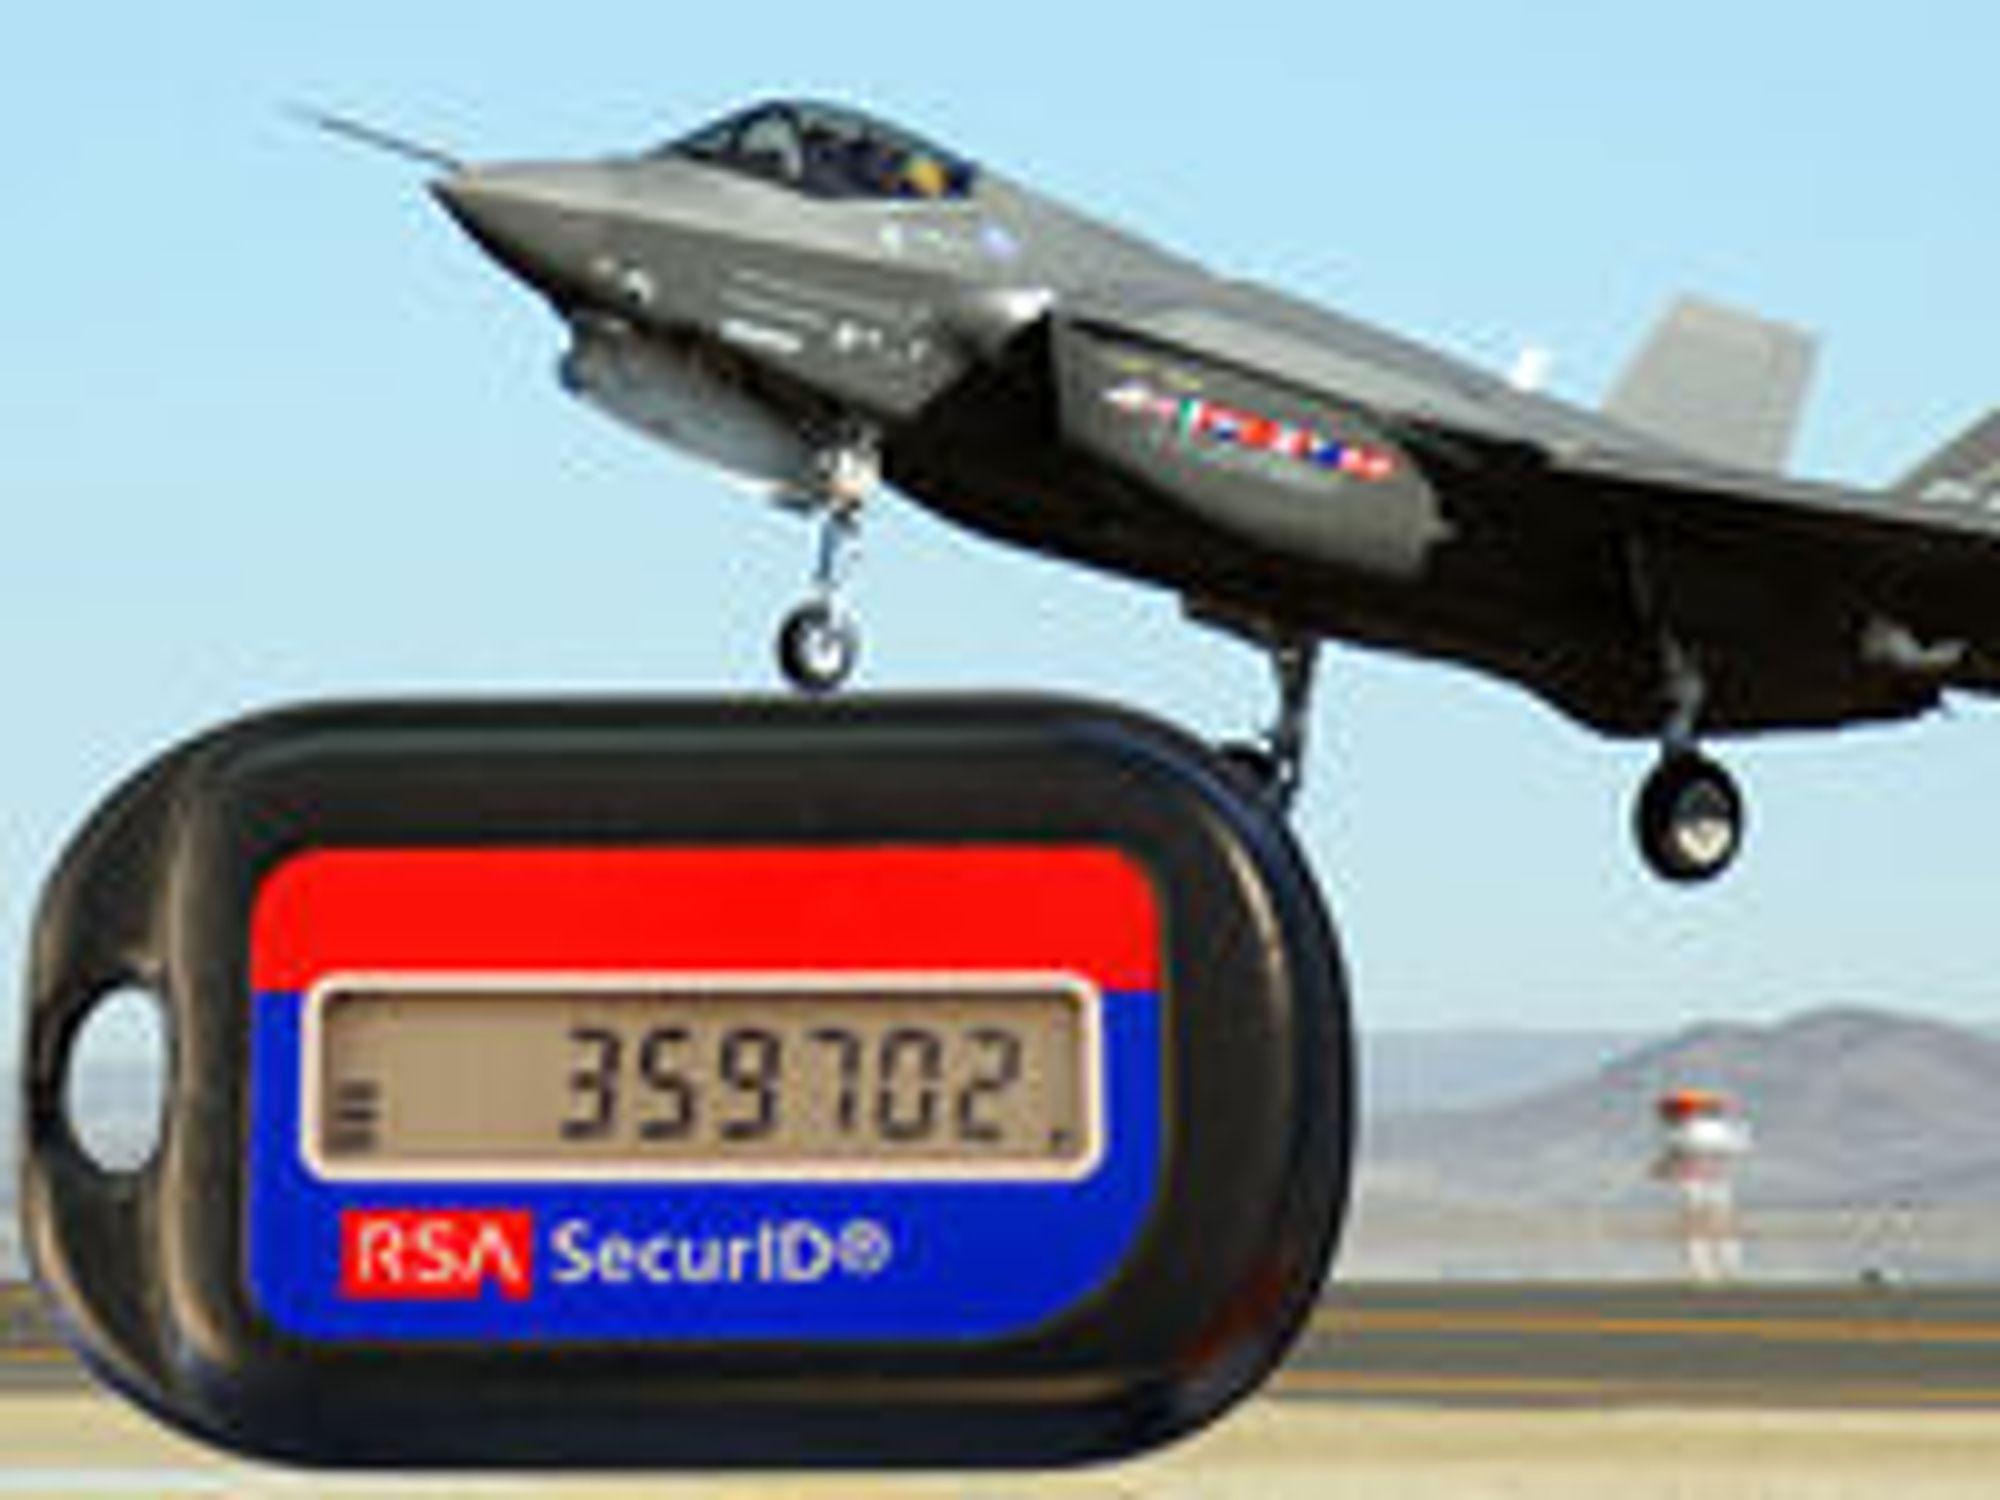 Phishing og kompromittering av SecurID kan ha gitt uvedkommende tilgang til intern informasjon om prosjekter som kampflyet F-35.